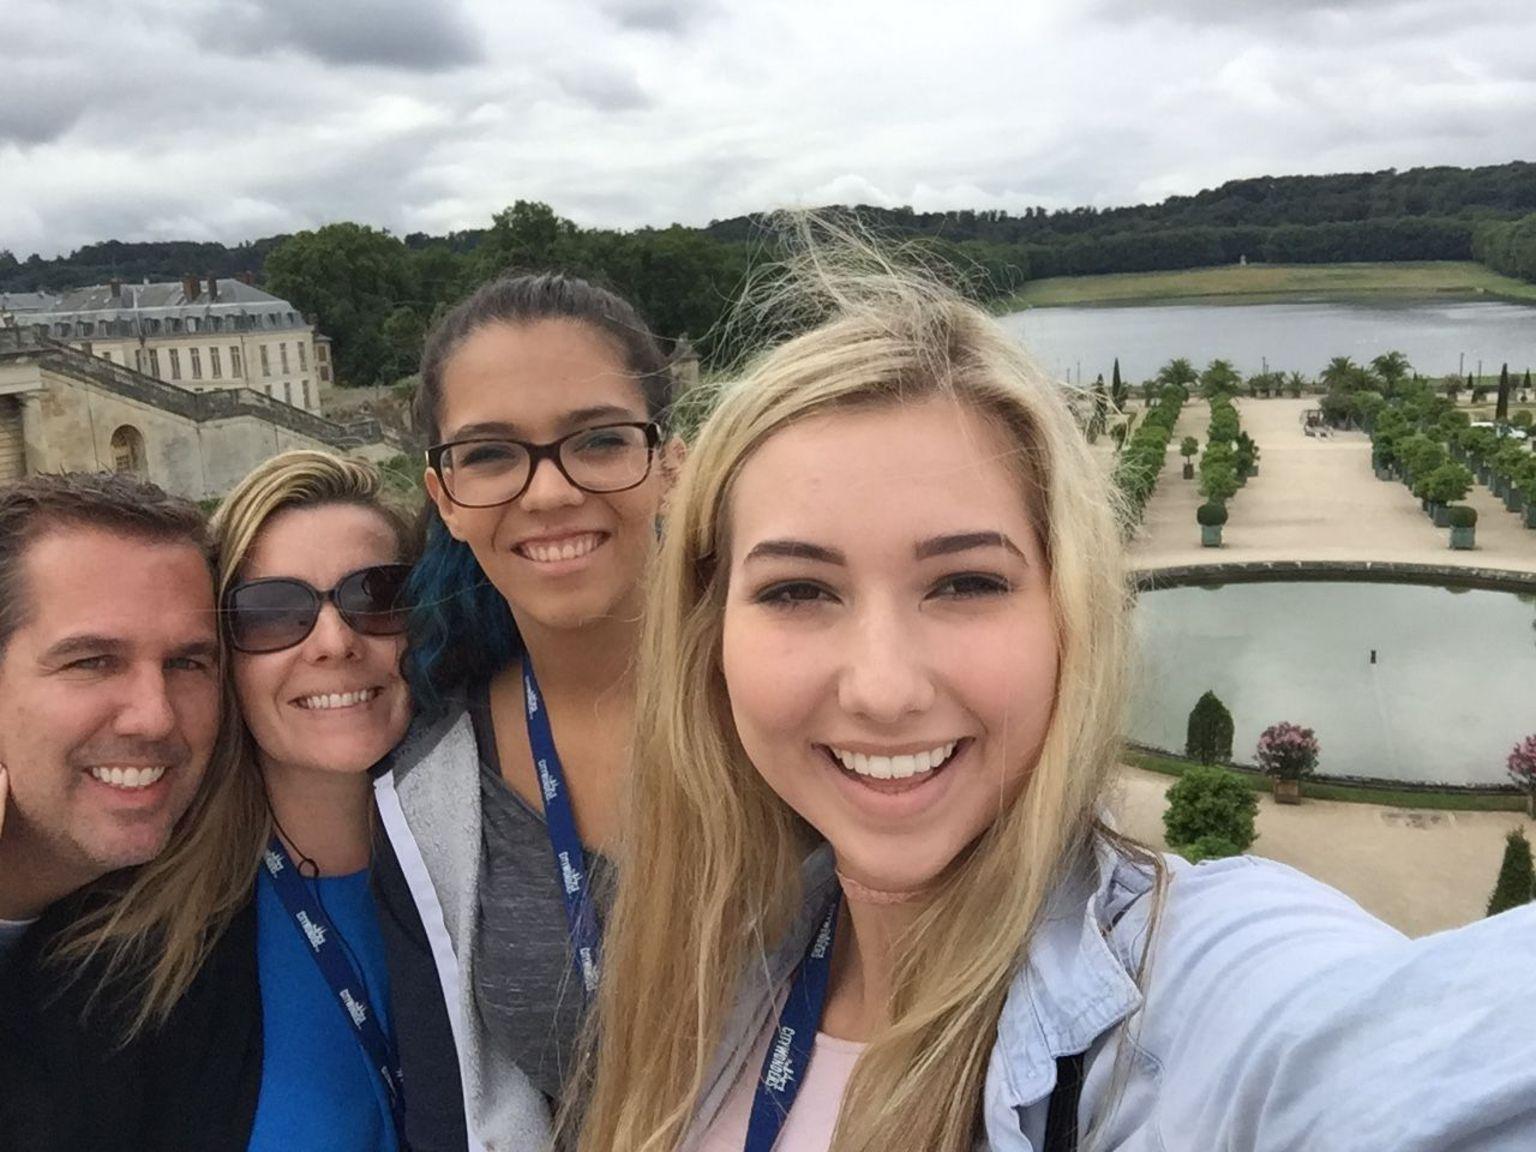 MAIS FOTOS, Evite filas: excursão a pé pelo palácio e pelos jardins de Versalhes